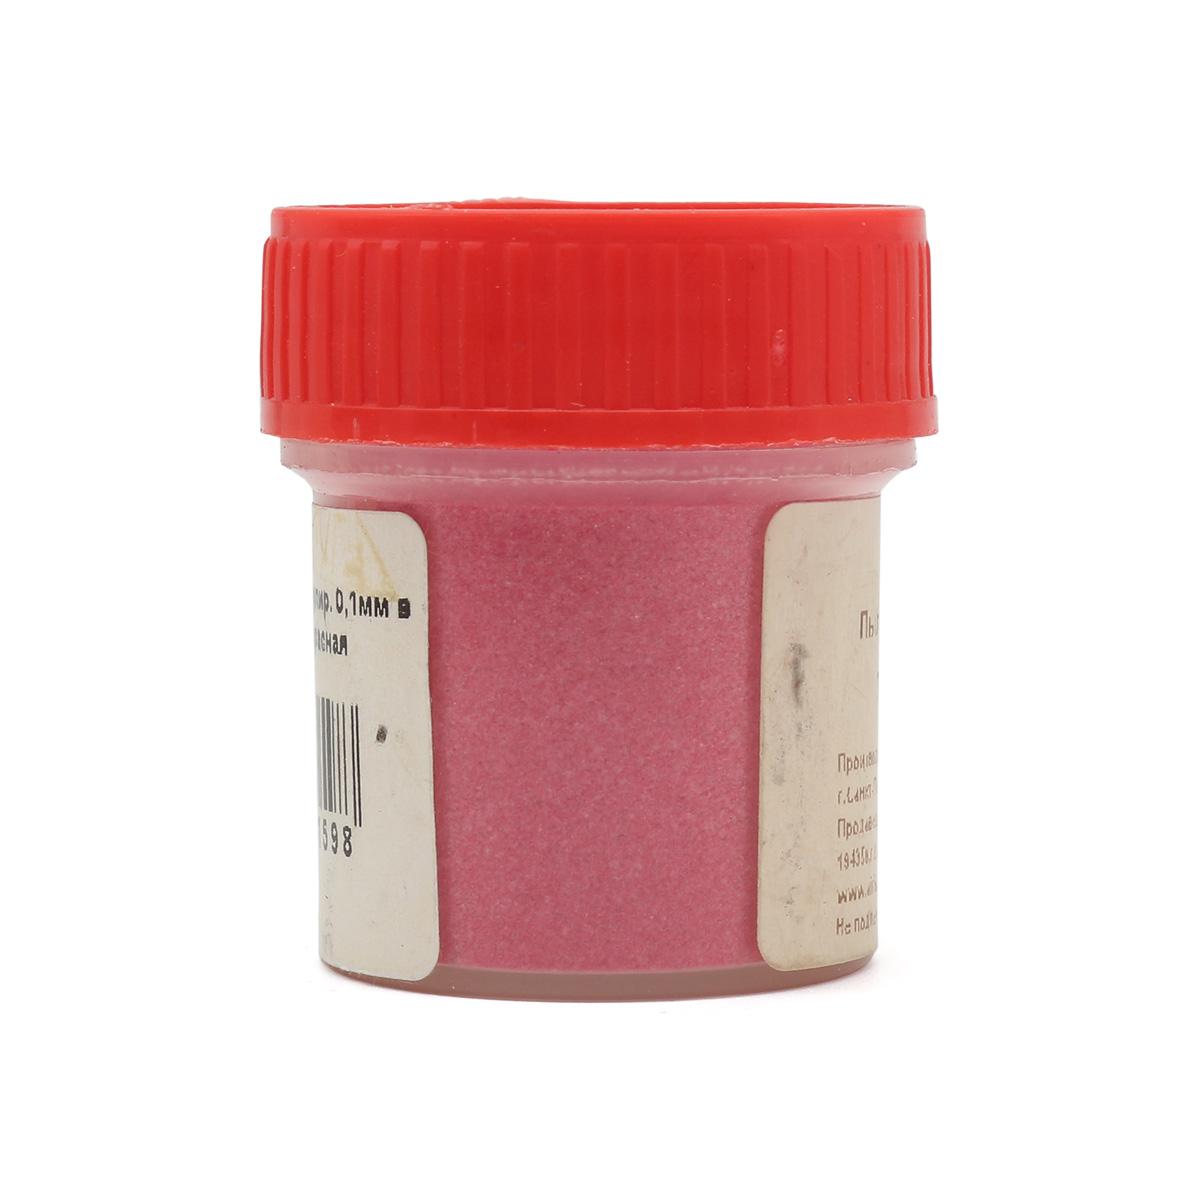 АК-0006-1 Пыльца гранулир. 0,1мм в баночке 20мл т.красная